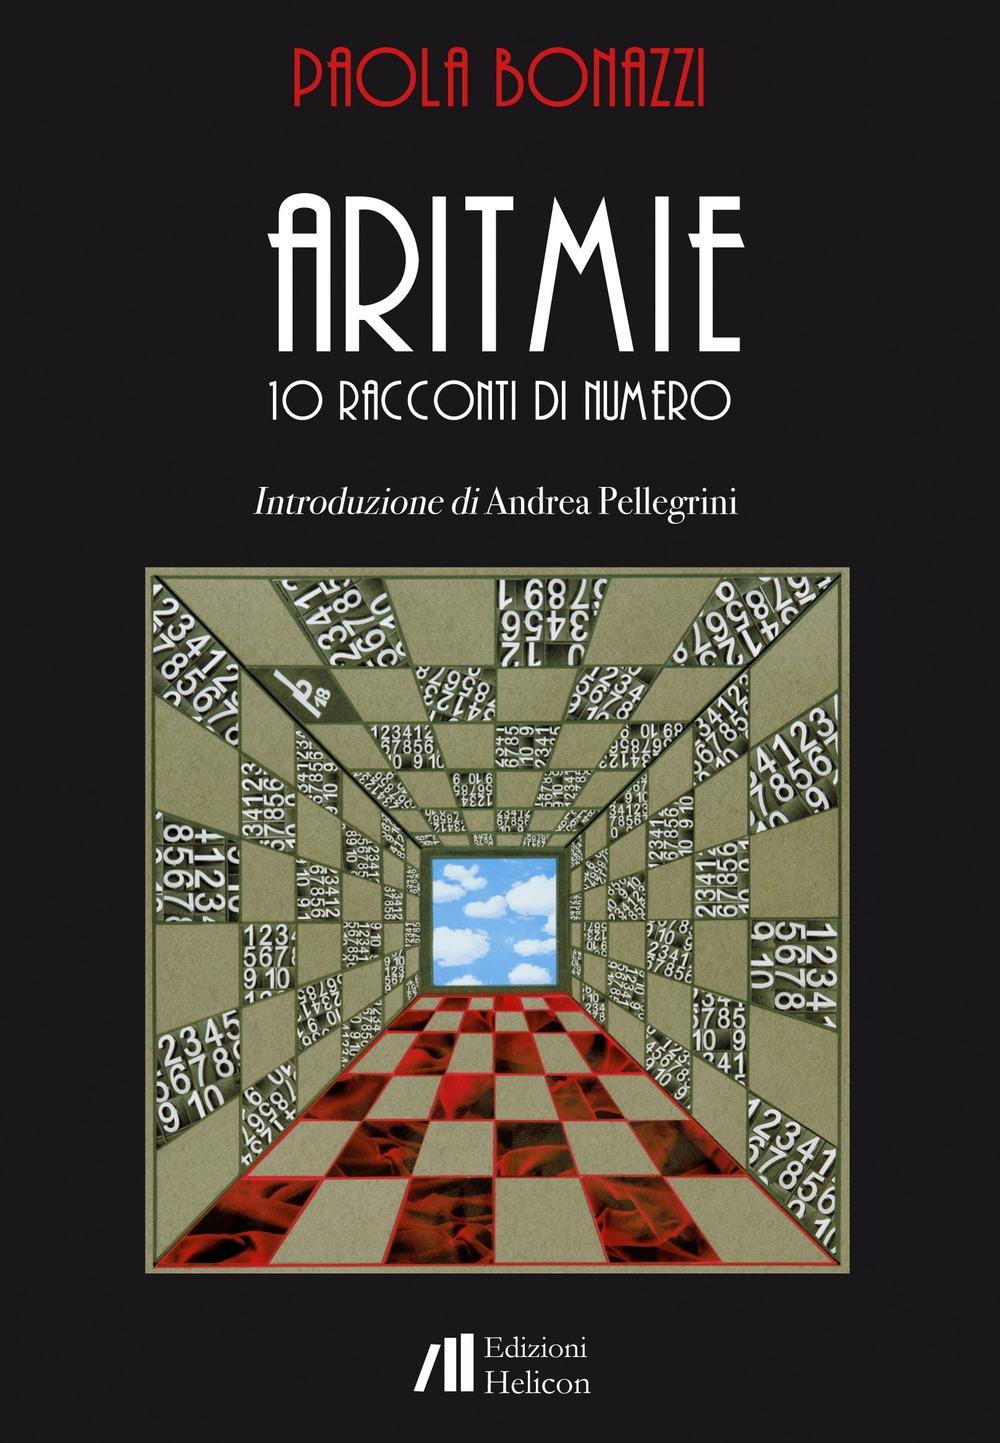 Aritmie. 10 racconti di numero